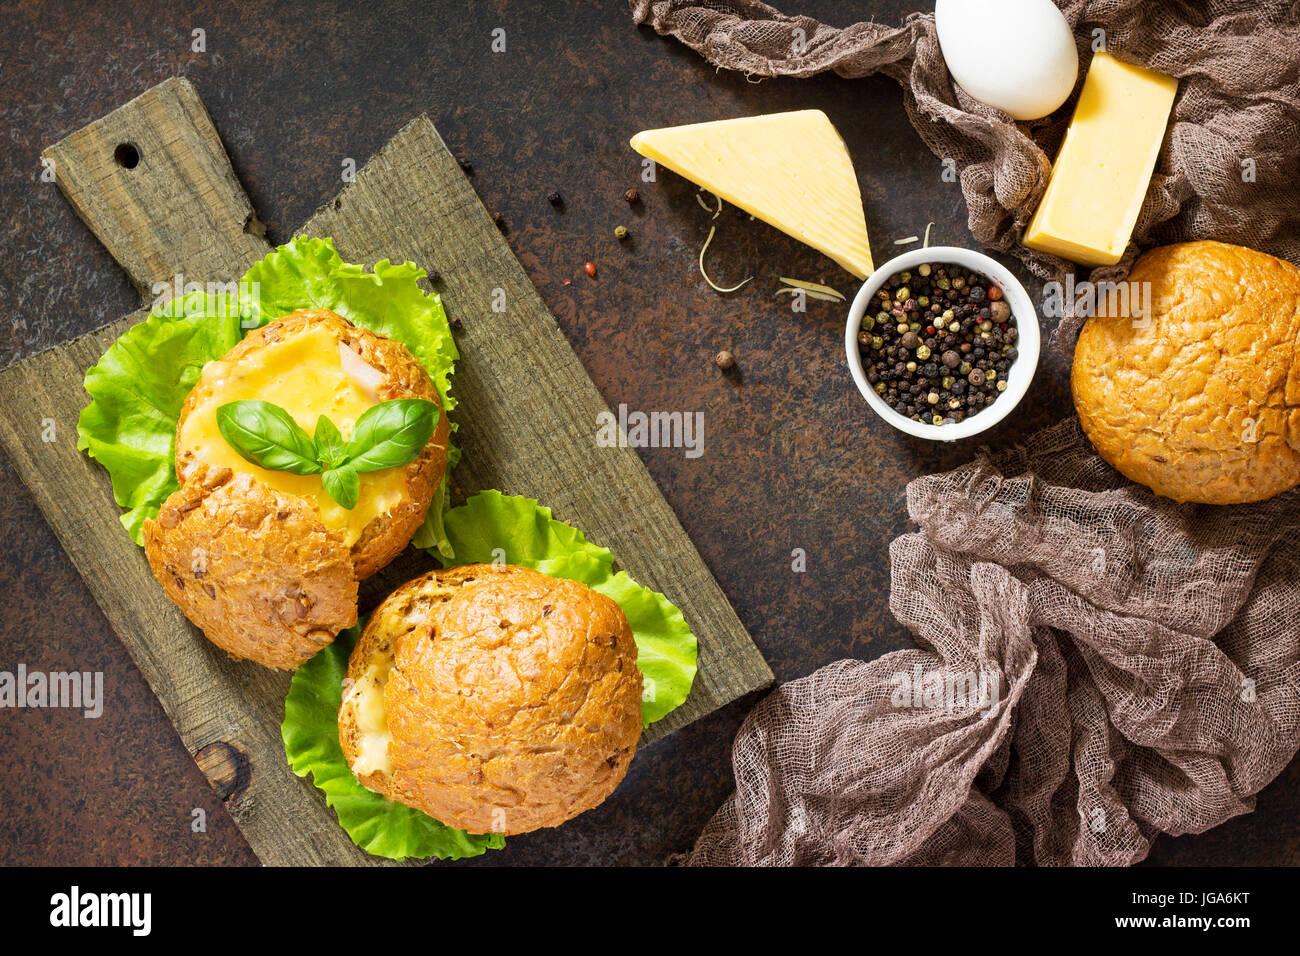 Lecker gebackene Burger aus Speck, Eiern, Käse, serviert mit frischen Salatblättern. Zutaten für Stockbild